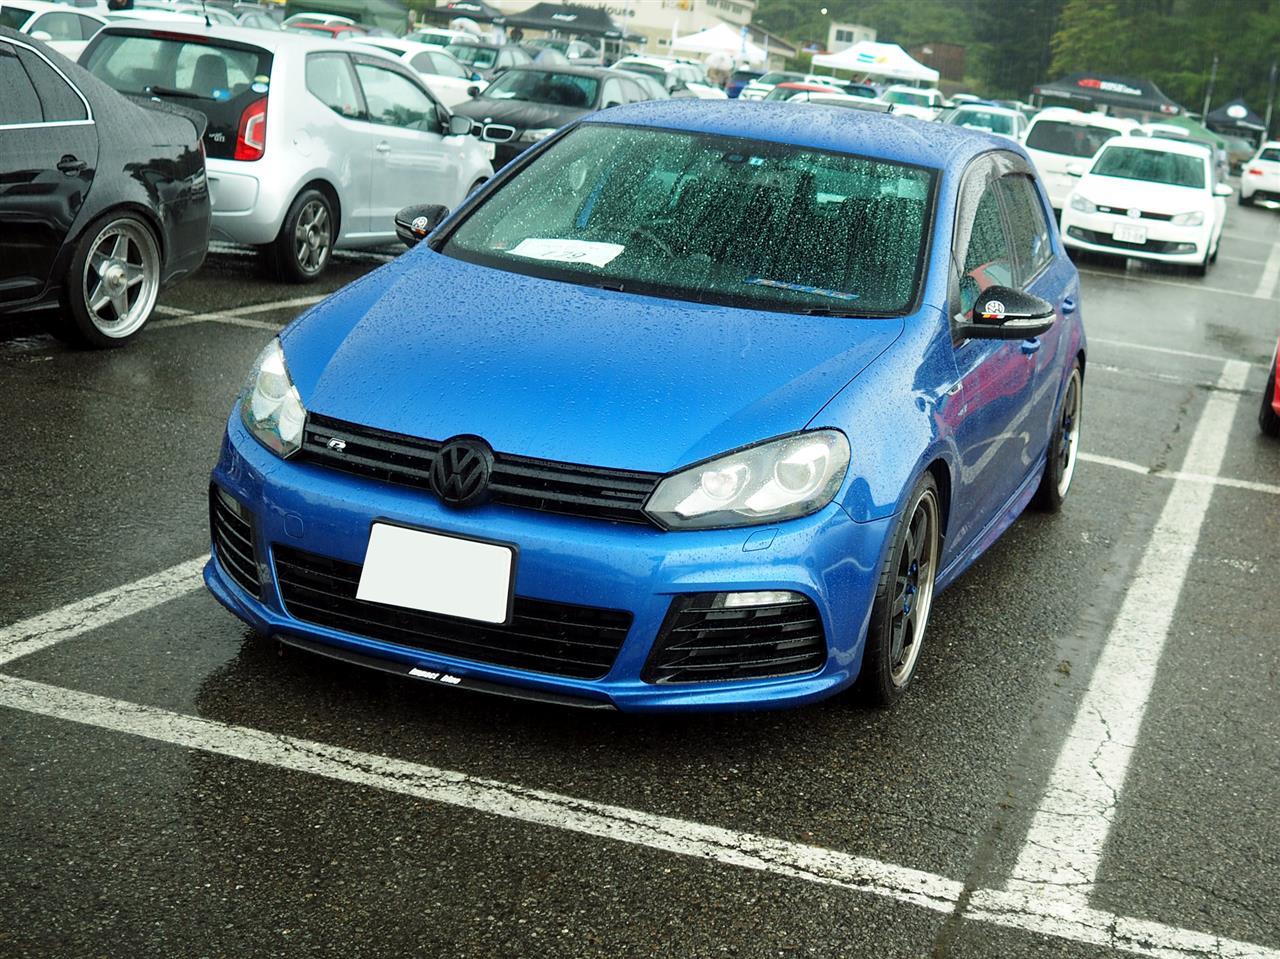 ゴルフR 青い車